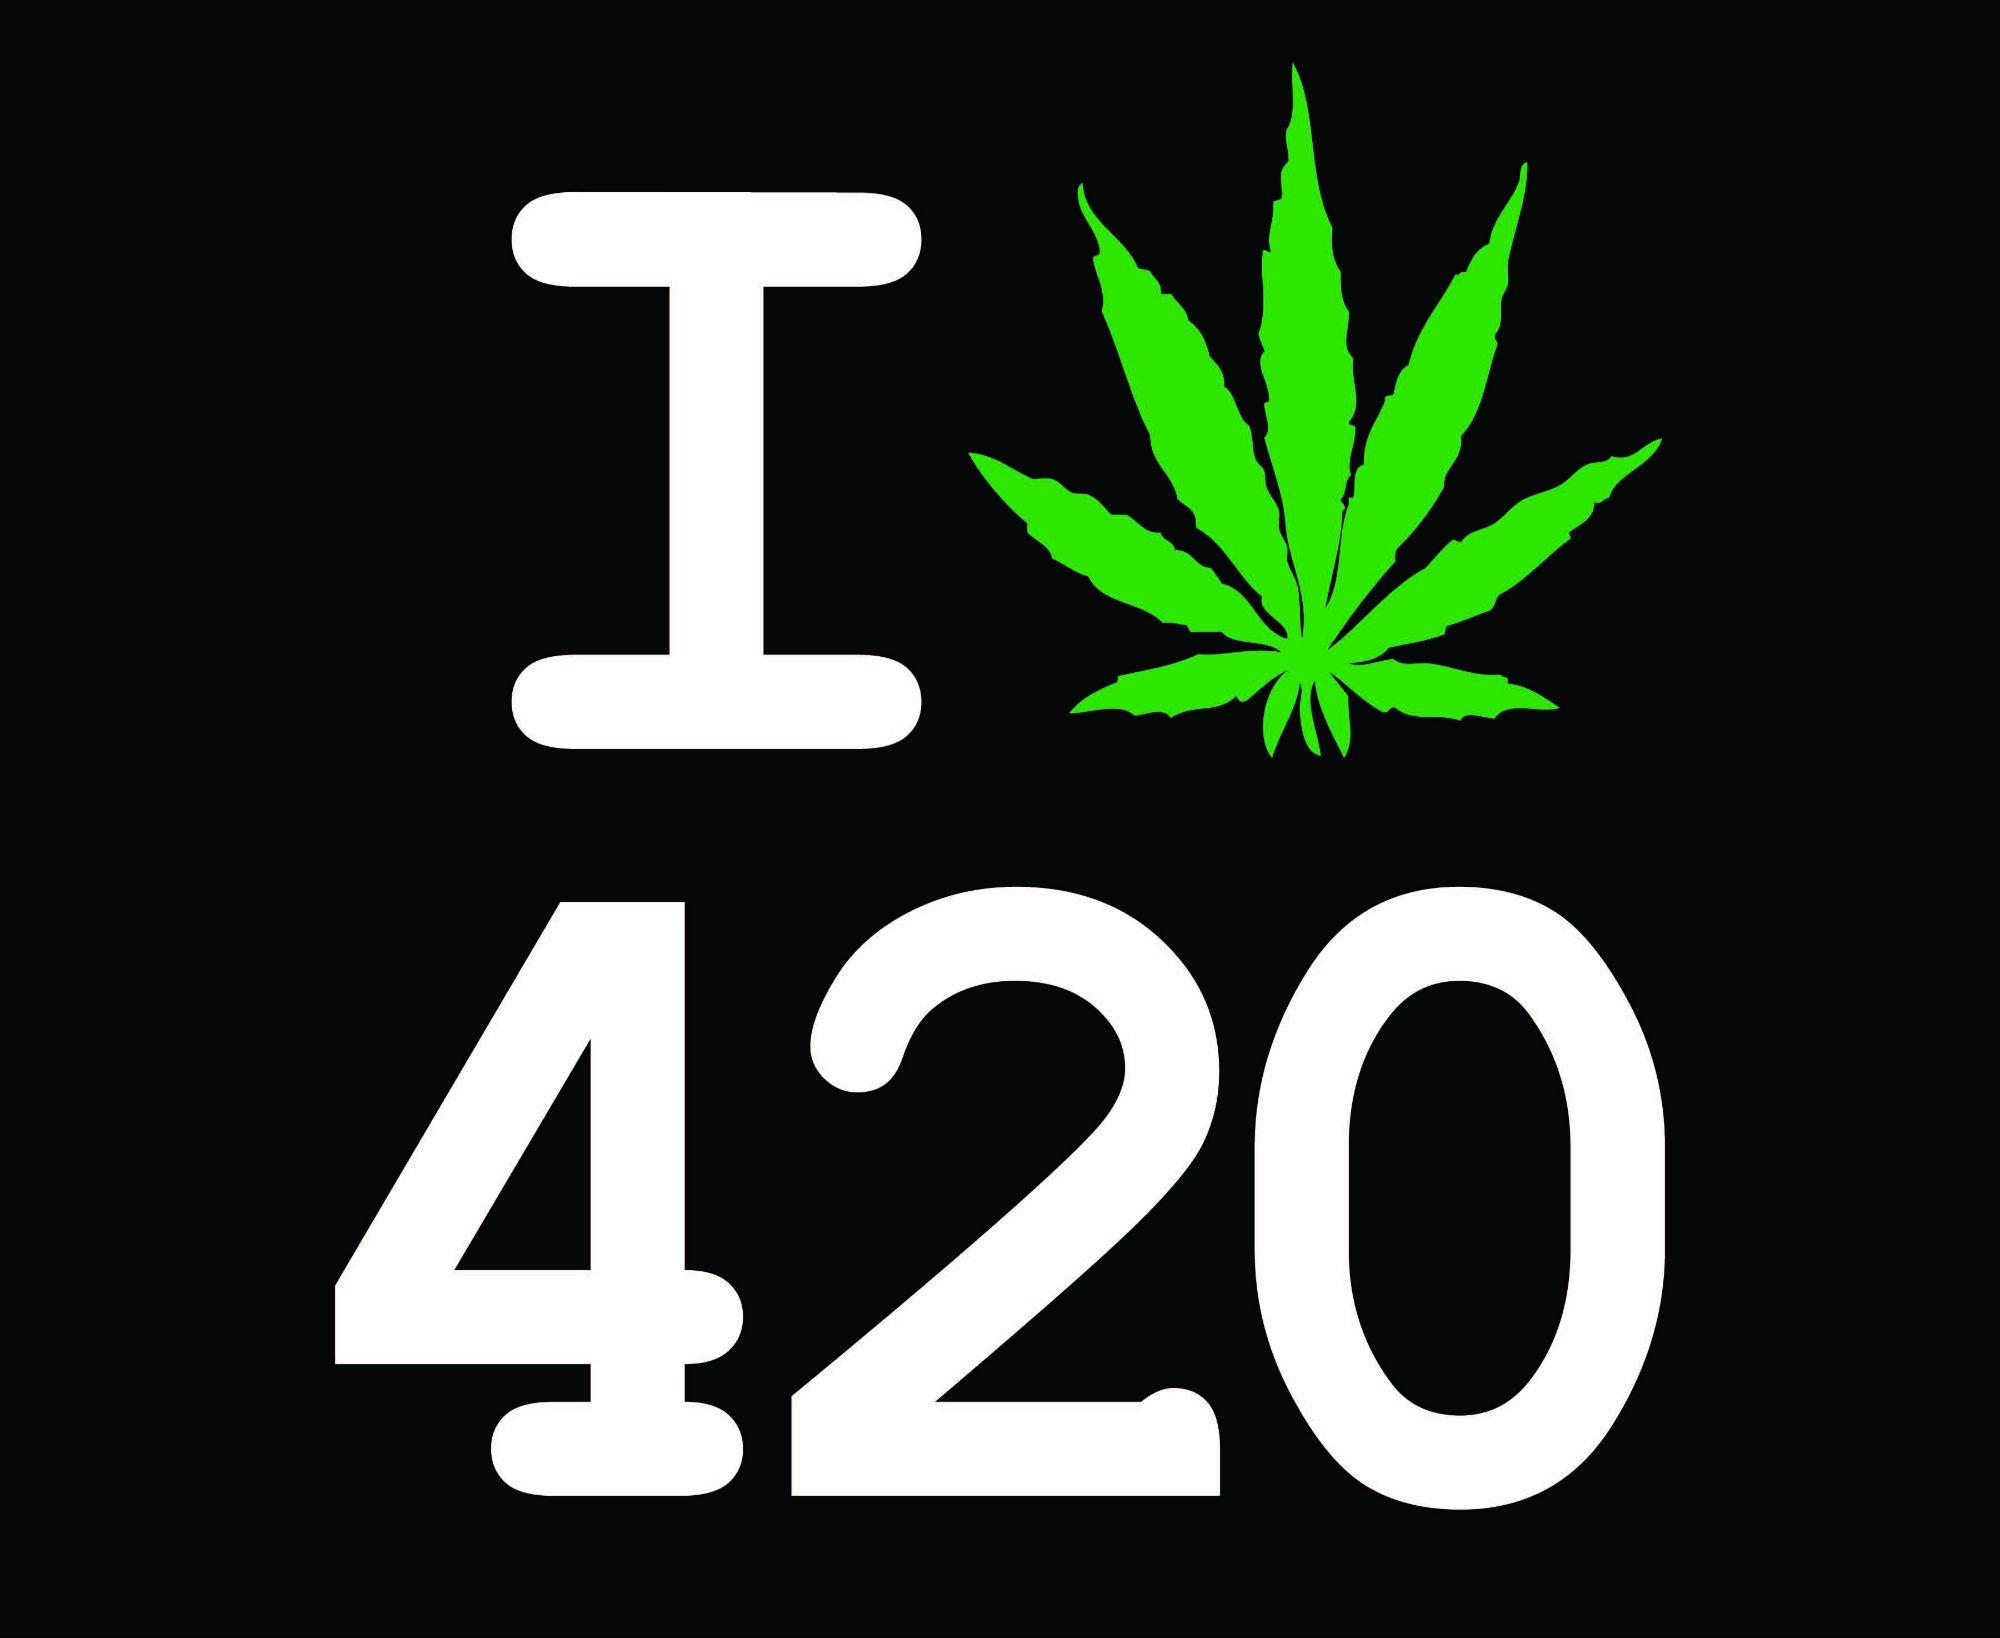 weed logo hd - photo #29